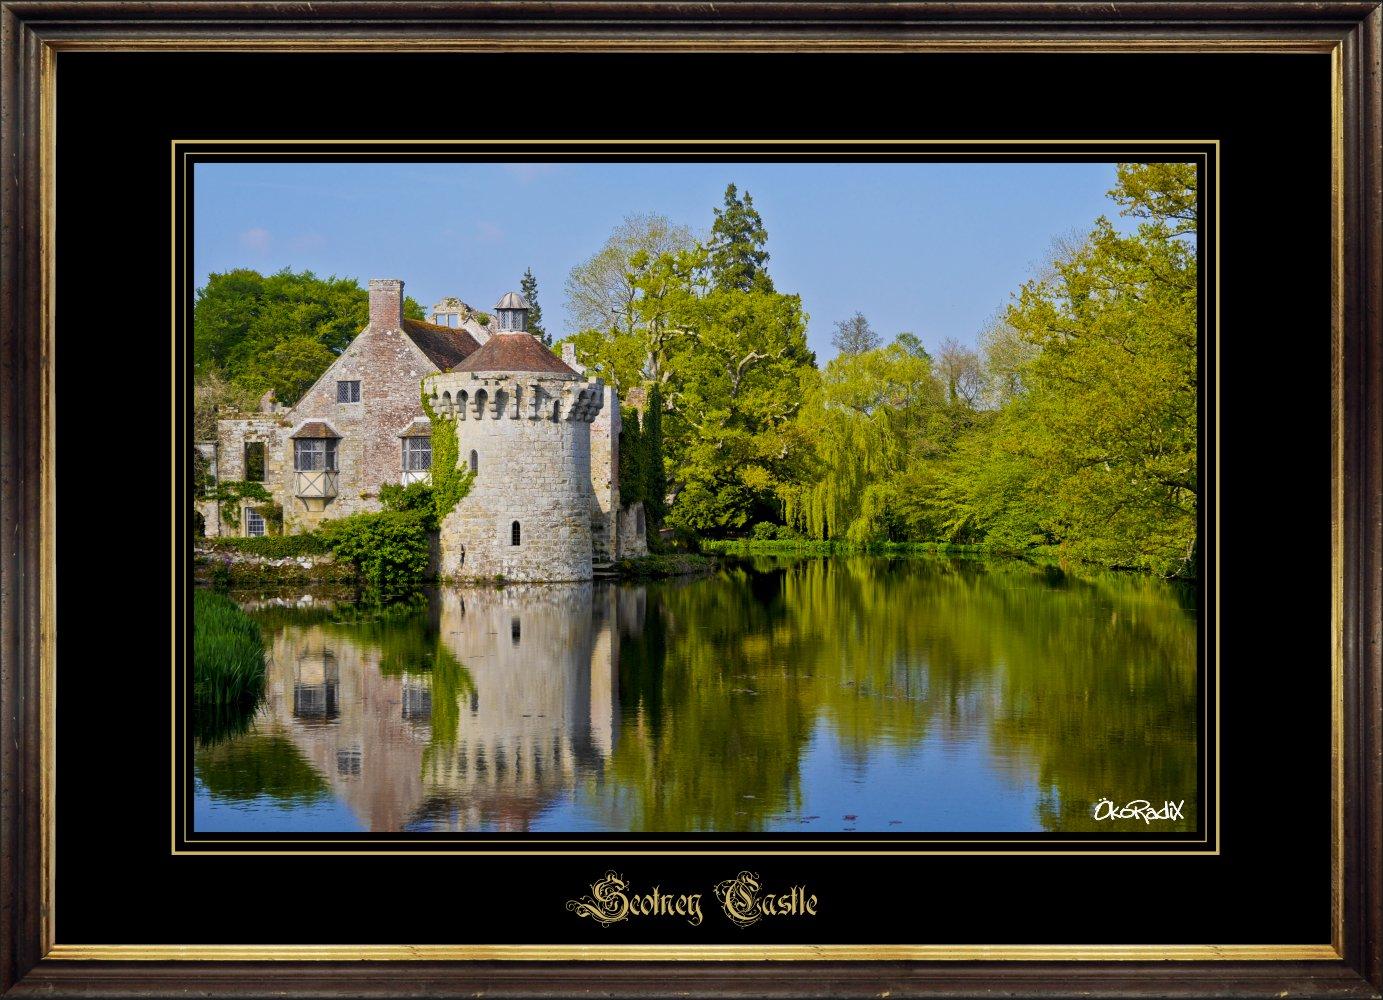 Scotney_Turm_See